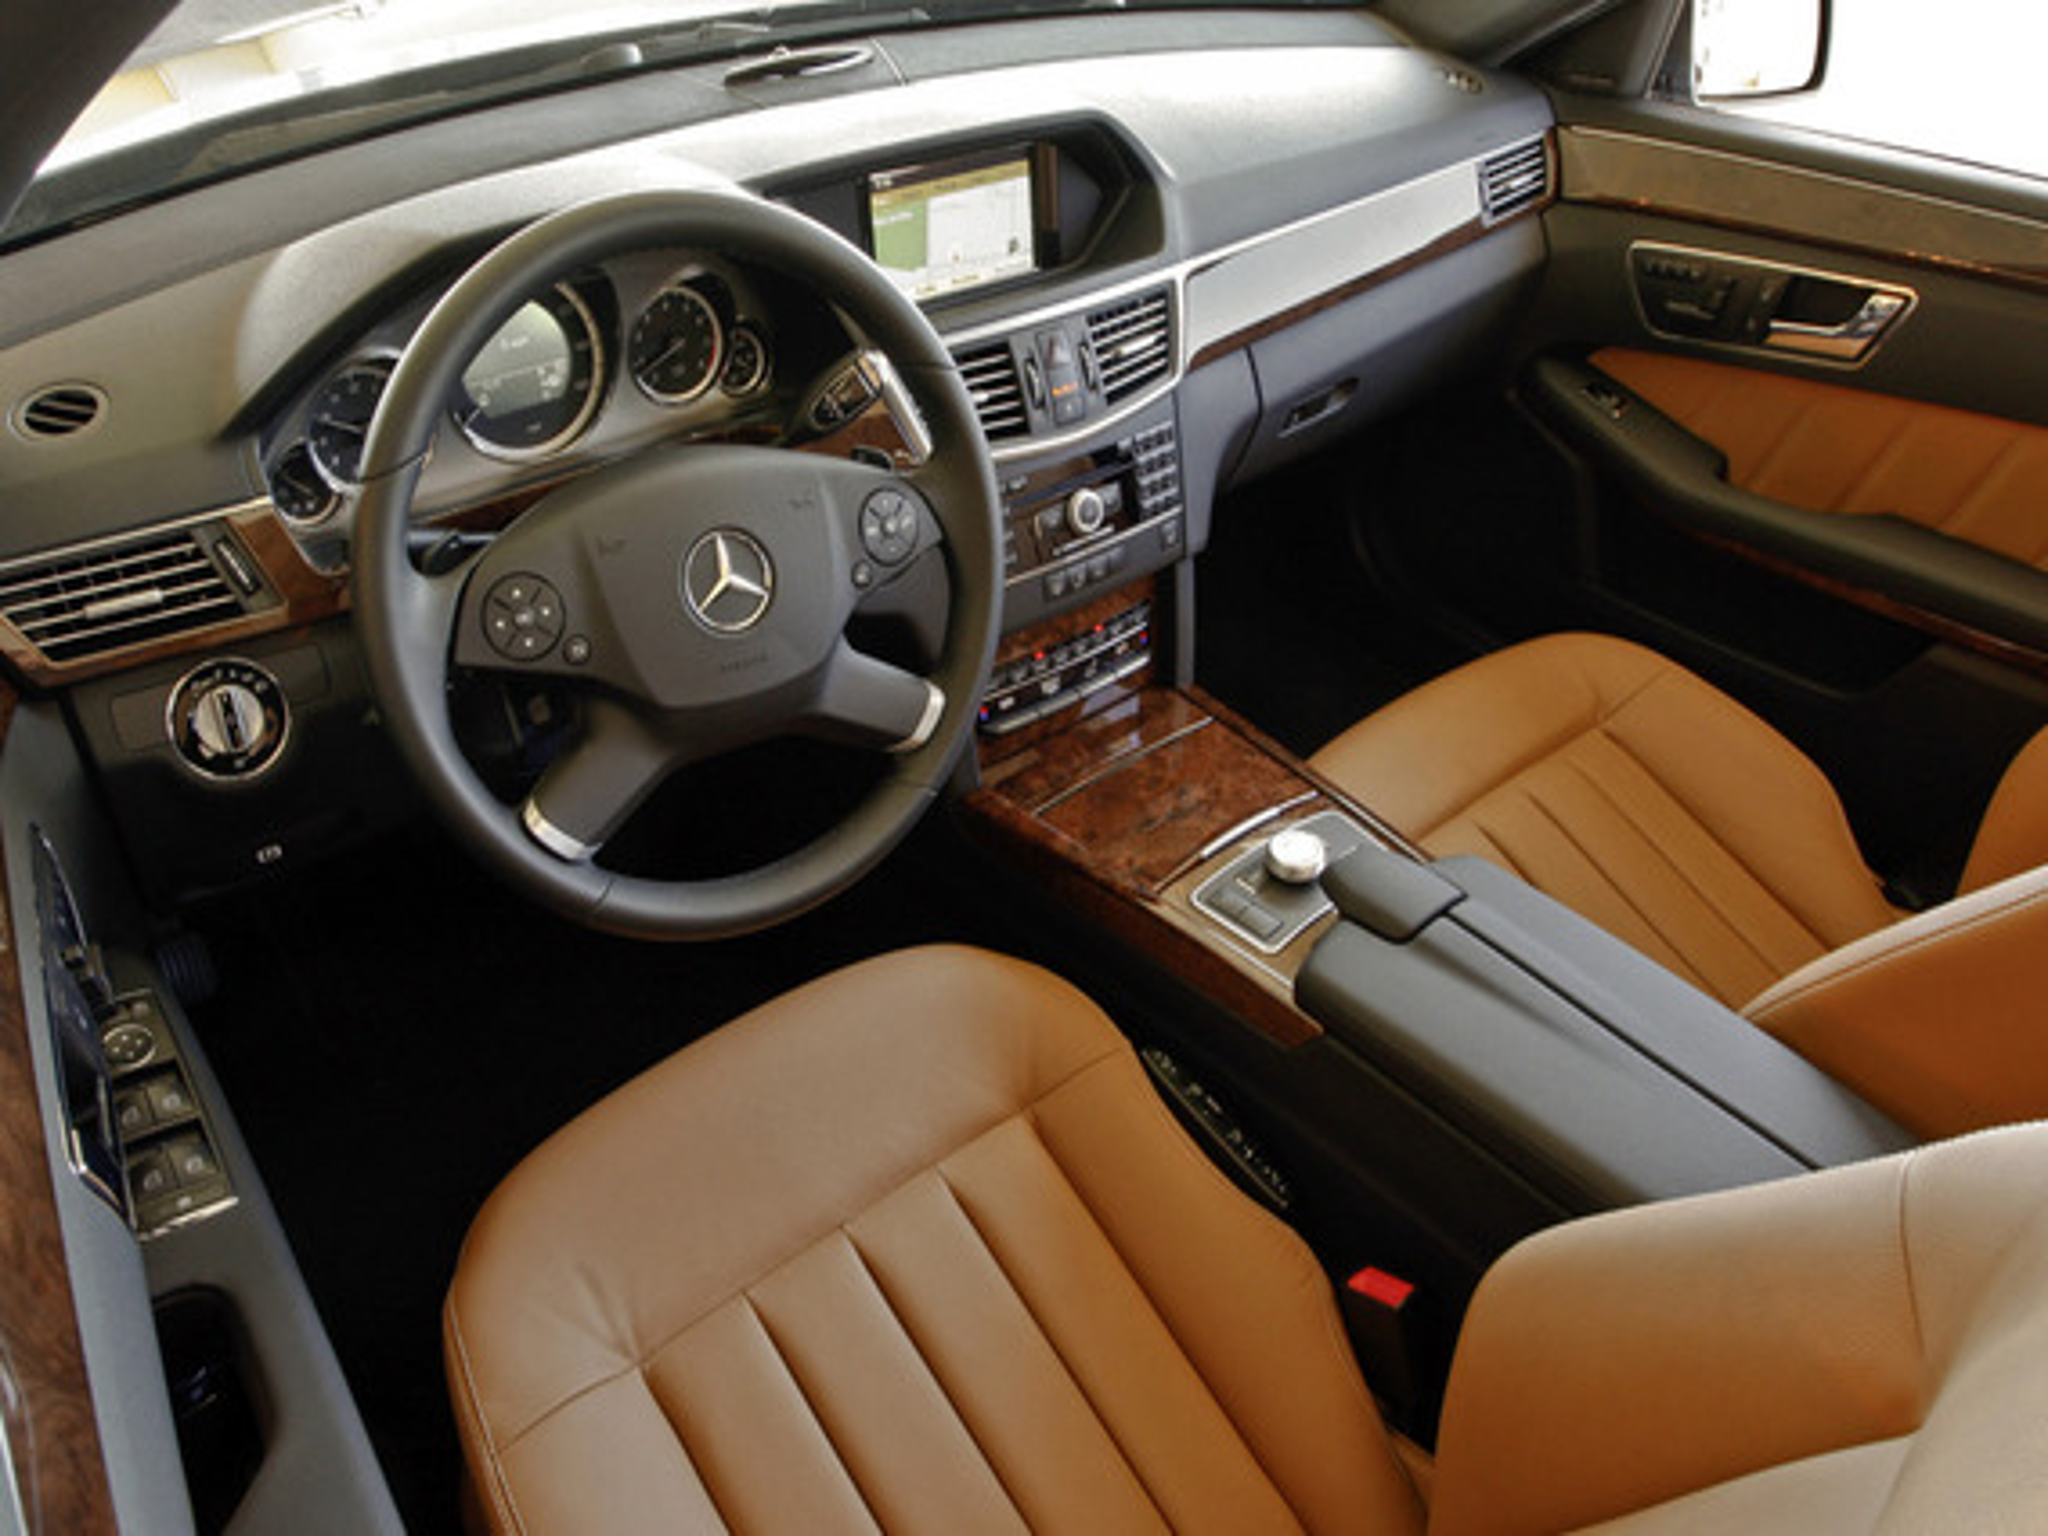 Можно ли подключить USB-накопитель к аудиосистеме Mercedes E-class (W212)